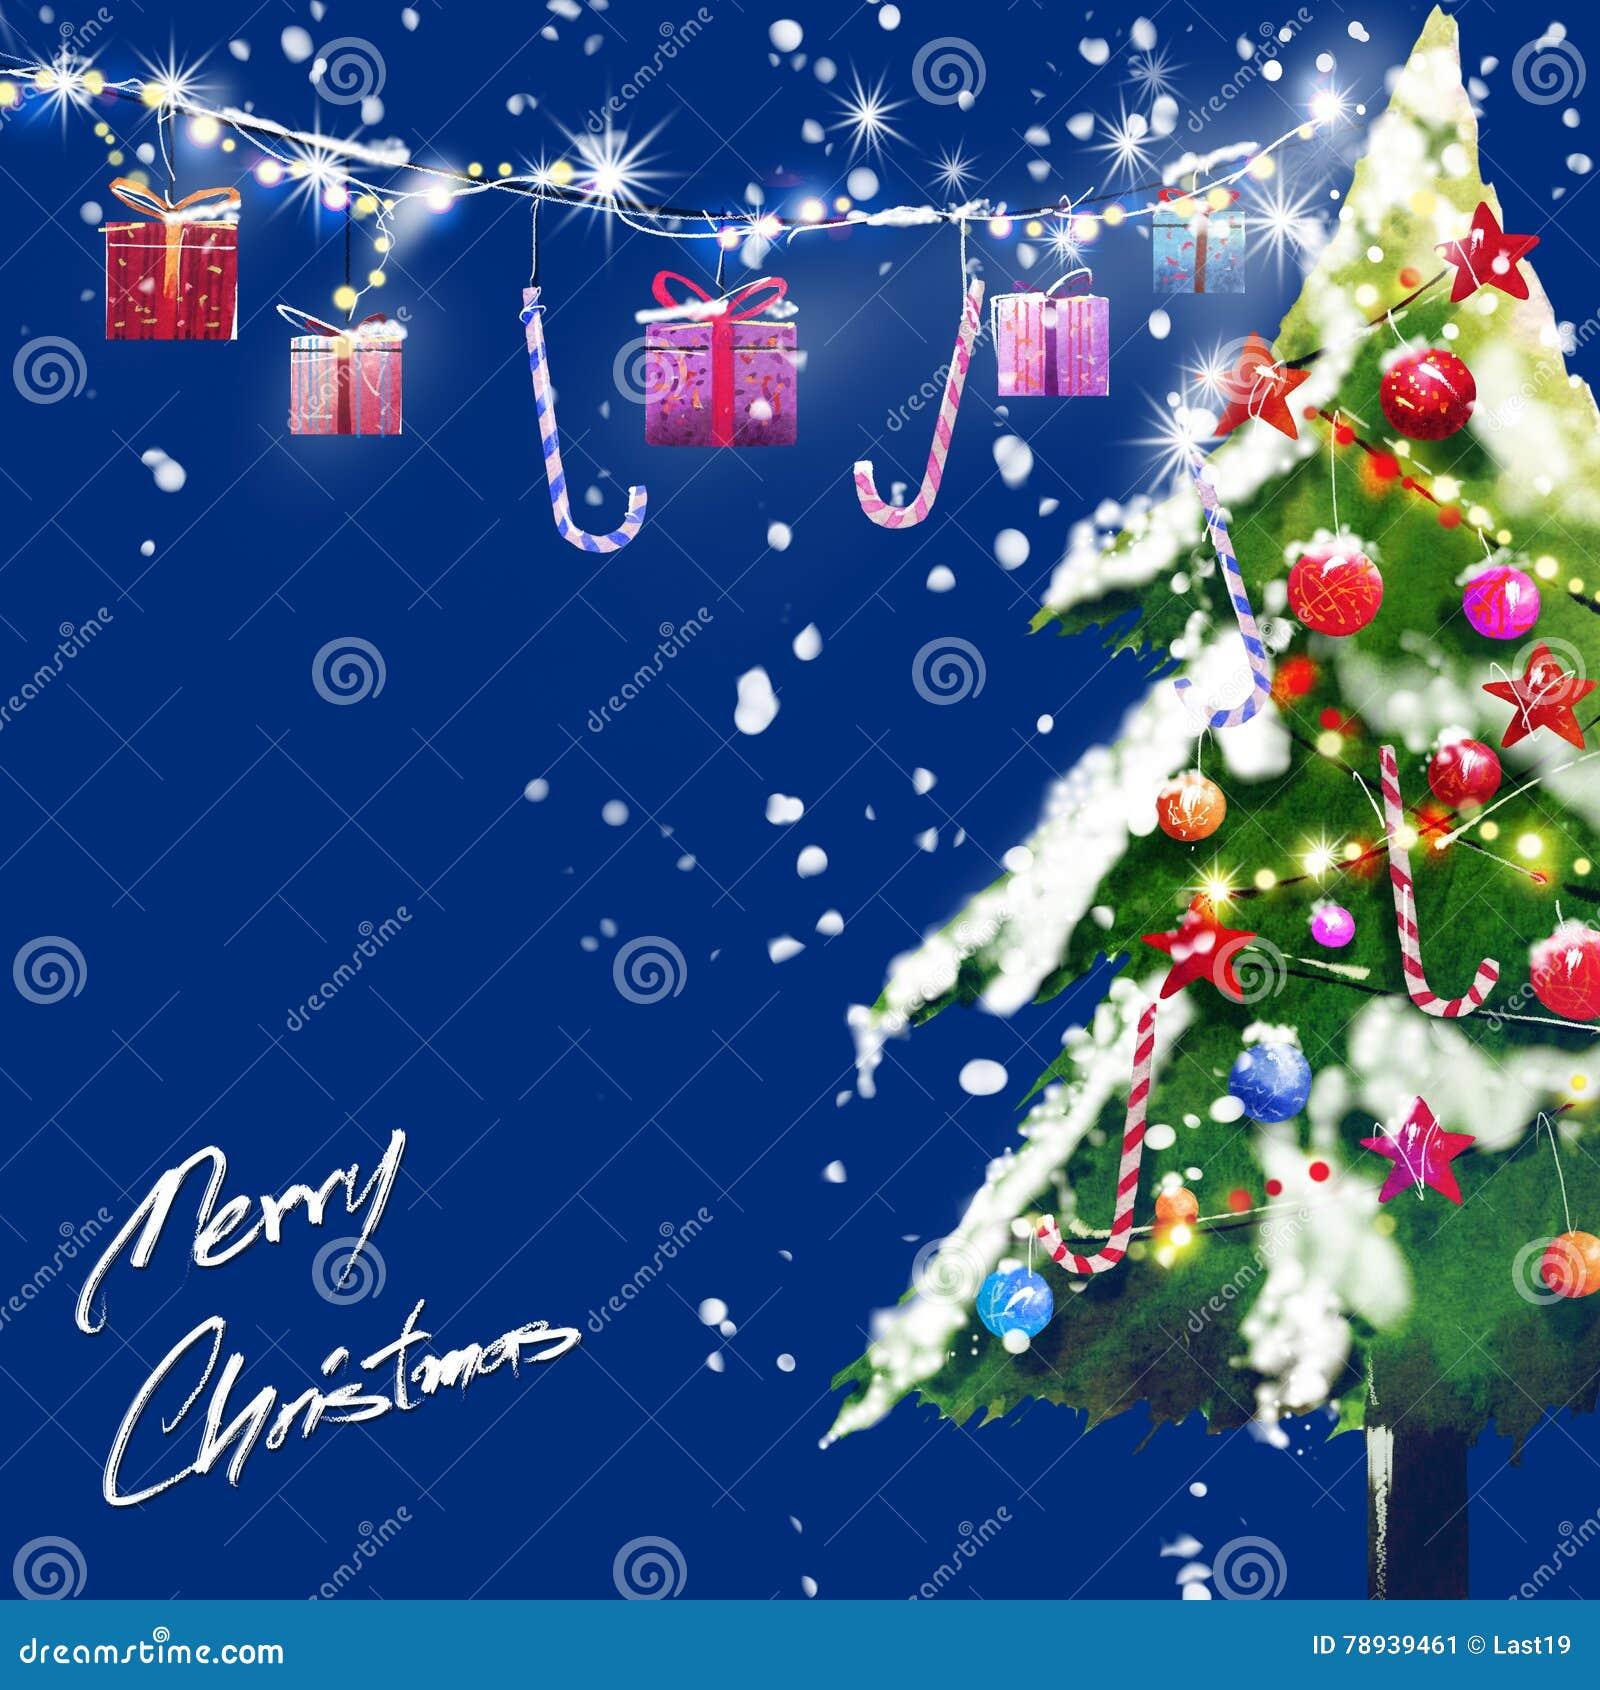 Digitale Weihnachtskarten.Digitale Weihnachtskarten Weihnachten 2019